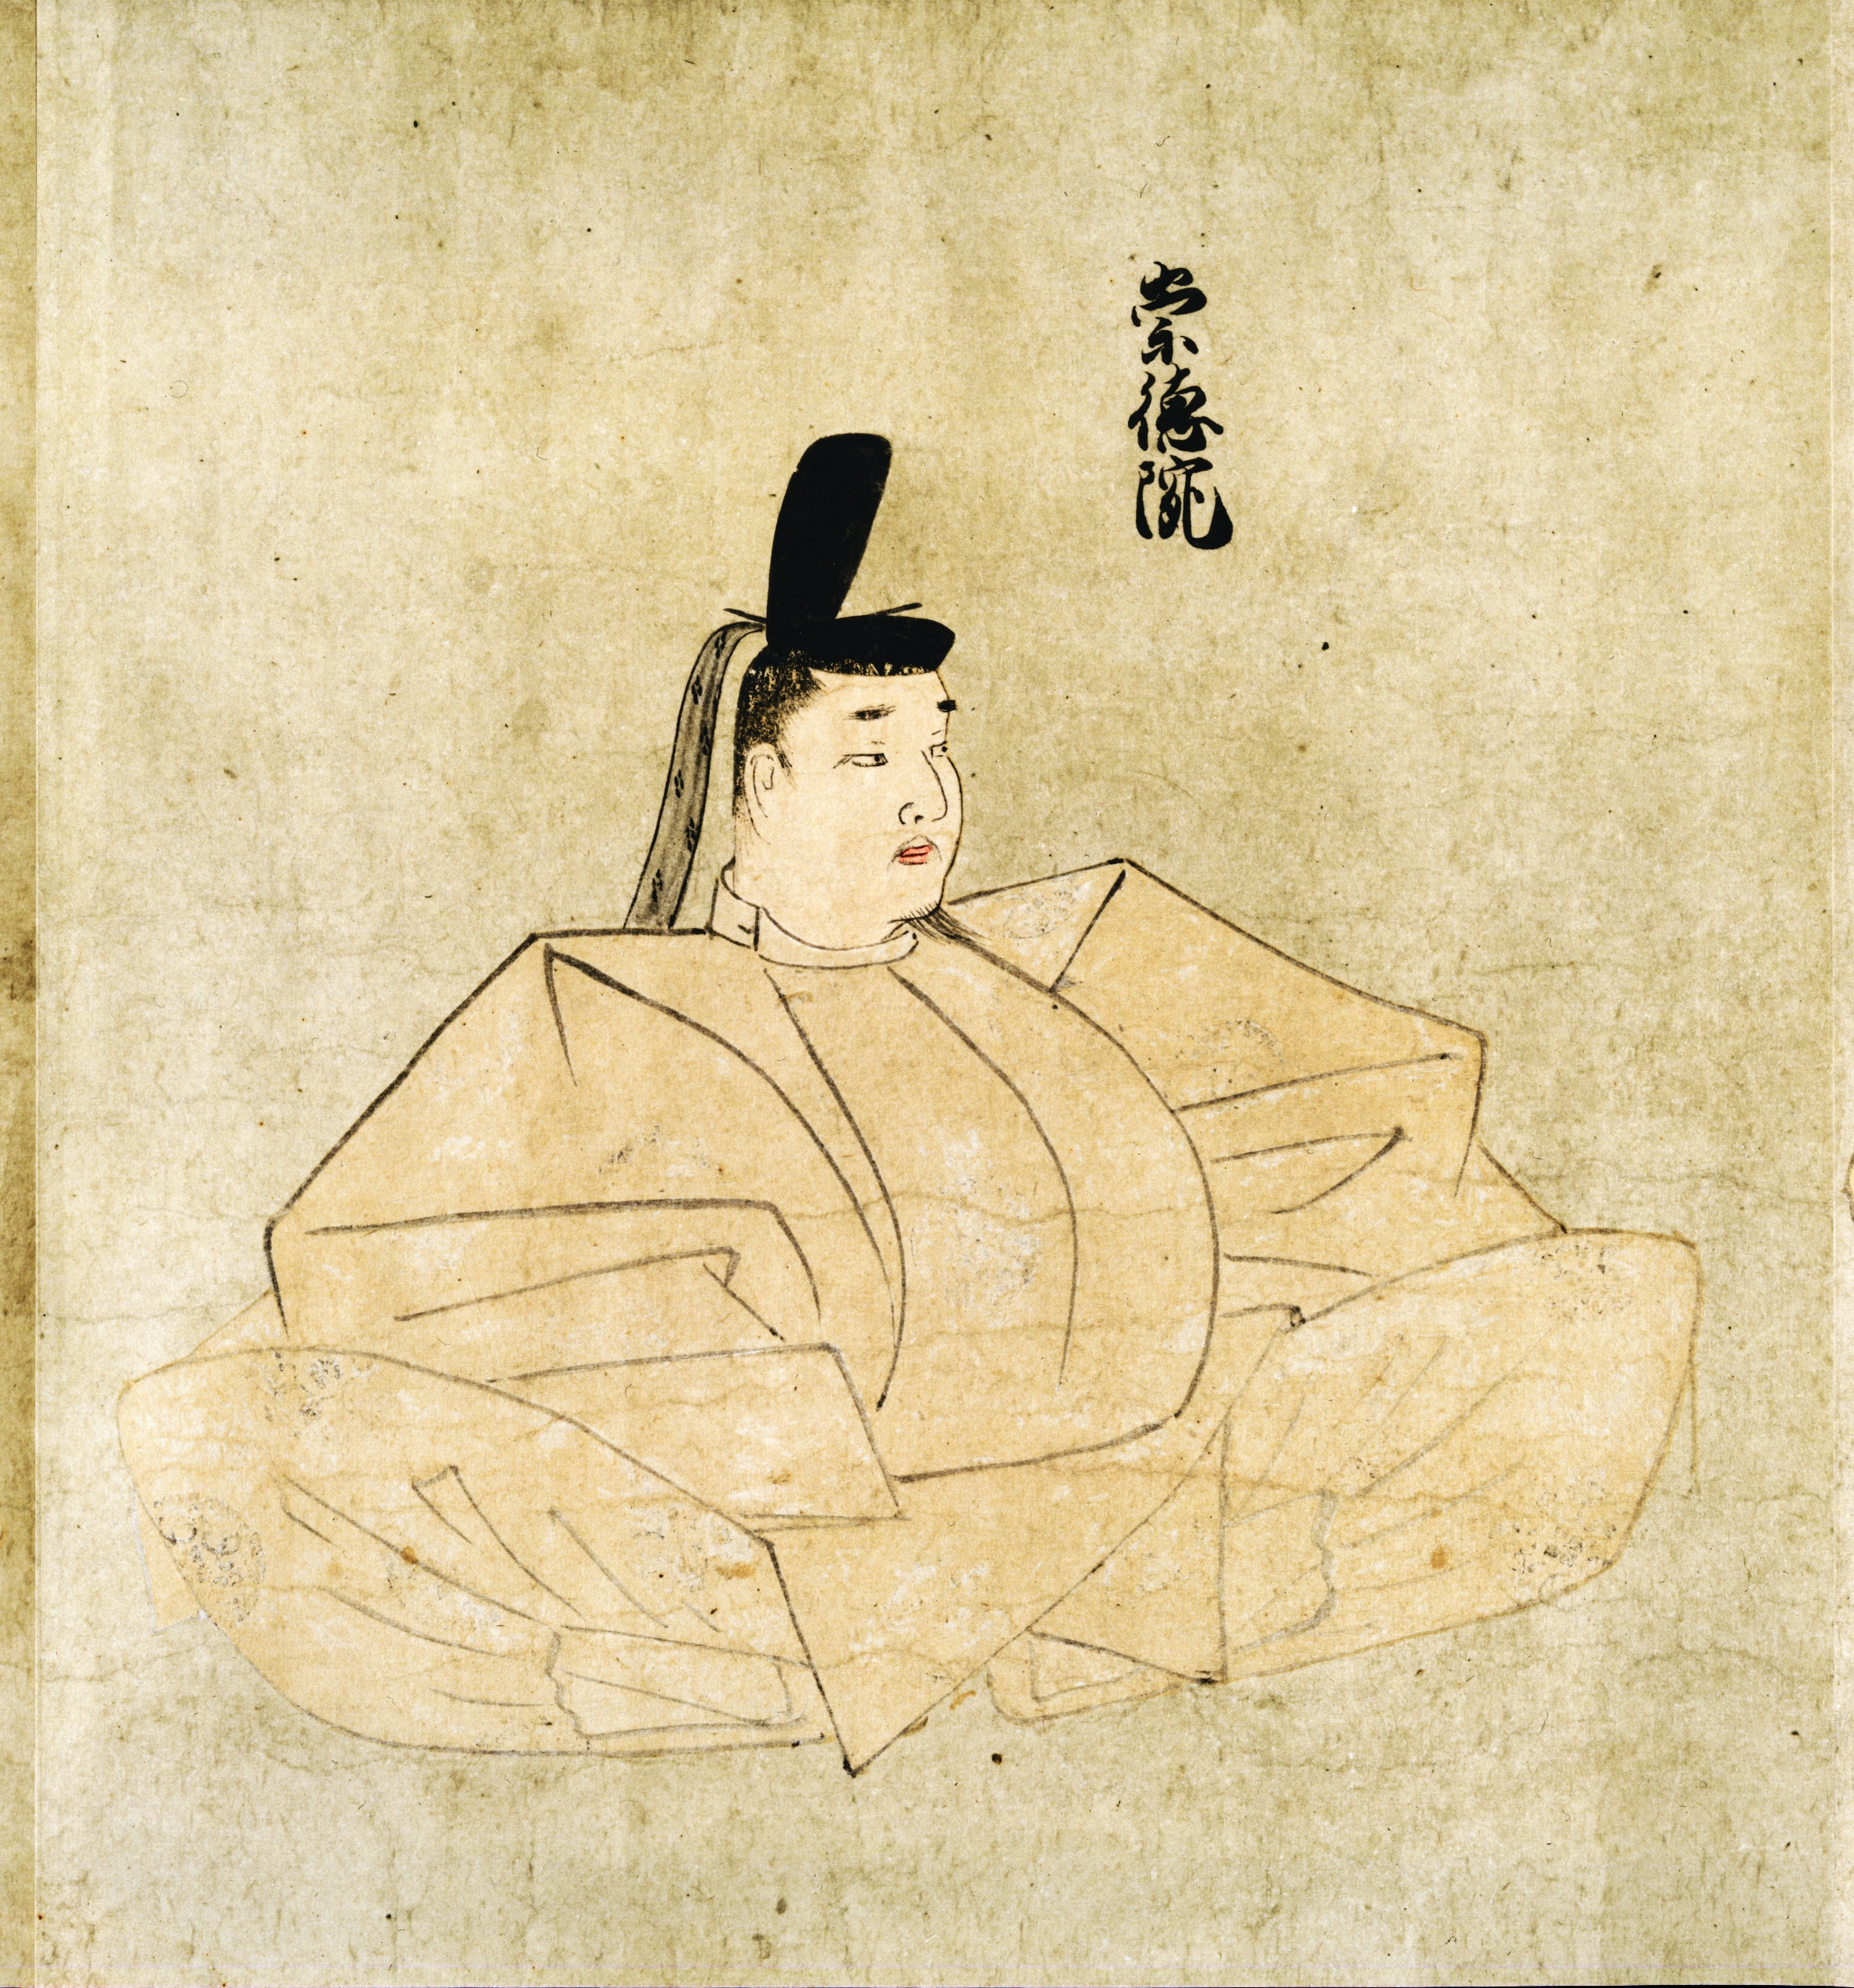 崇徳天皇 - Wikipedia